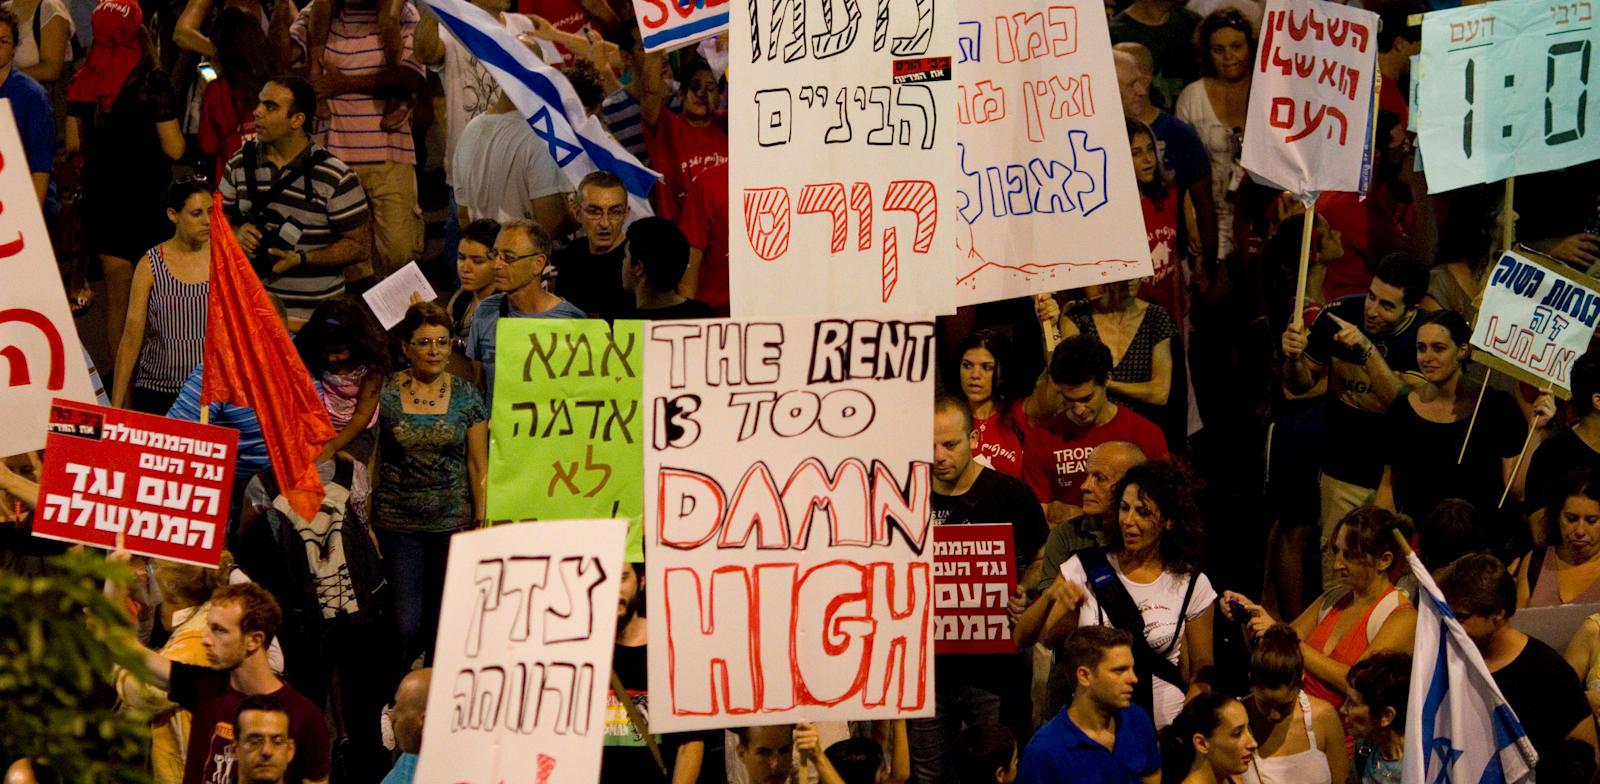 הפגנה נגד יוקר המחיה, יולי 2011, תל אביב / צילום: Associated Press, Ariel Schalit